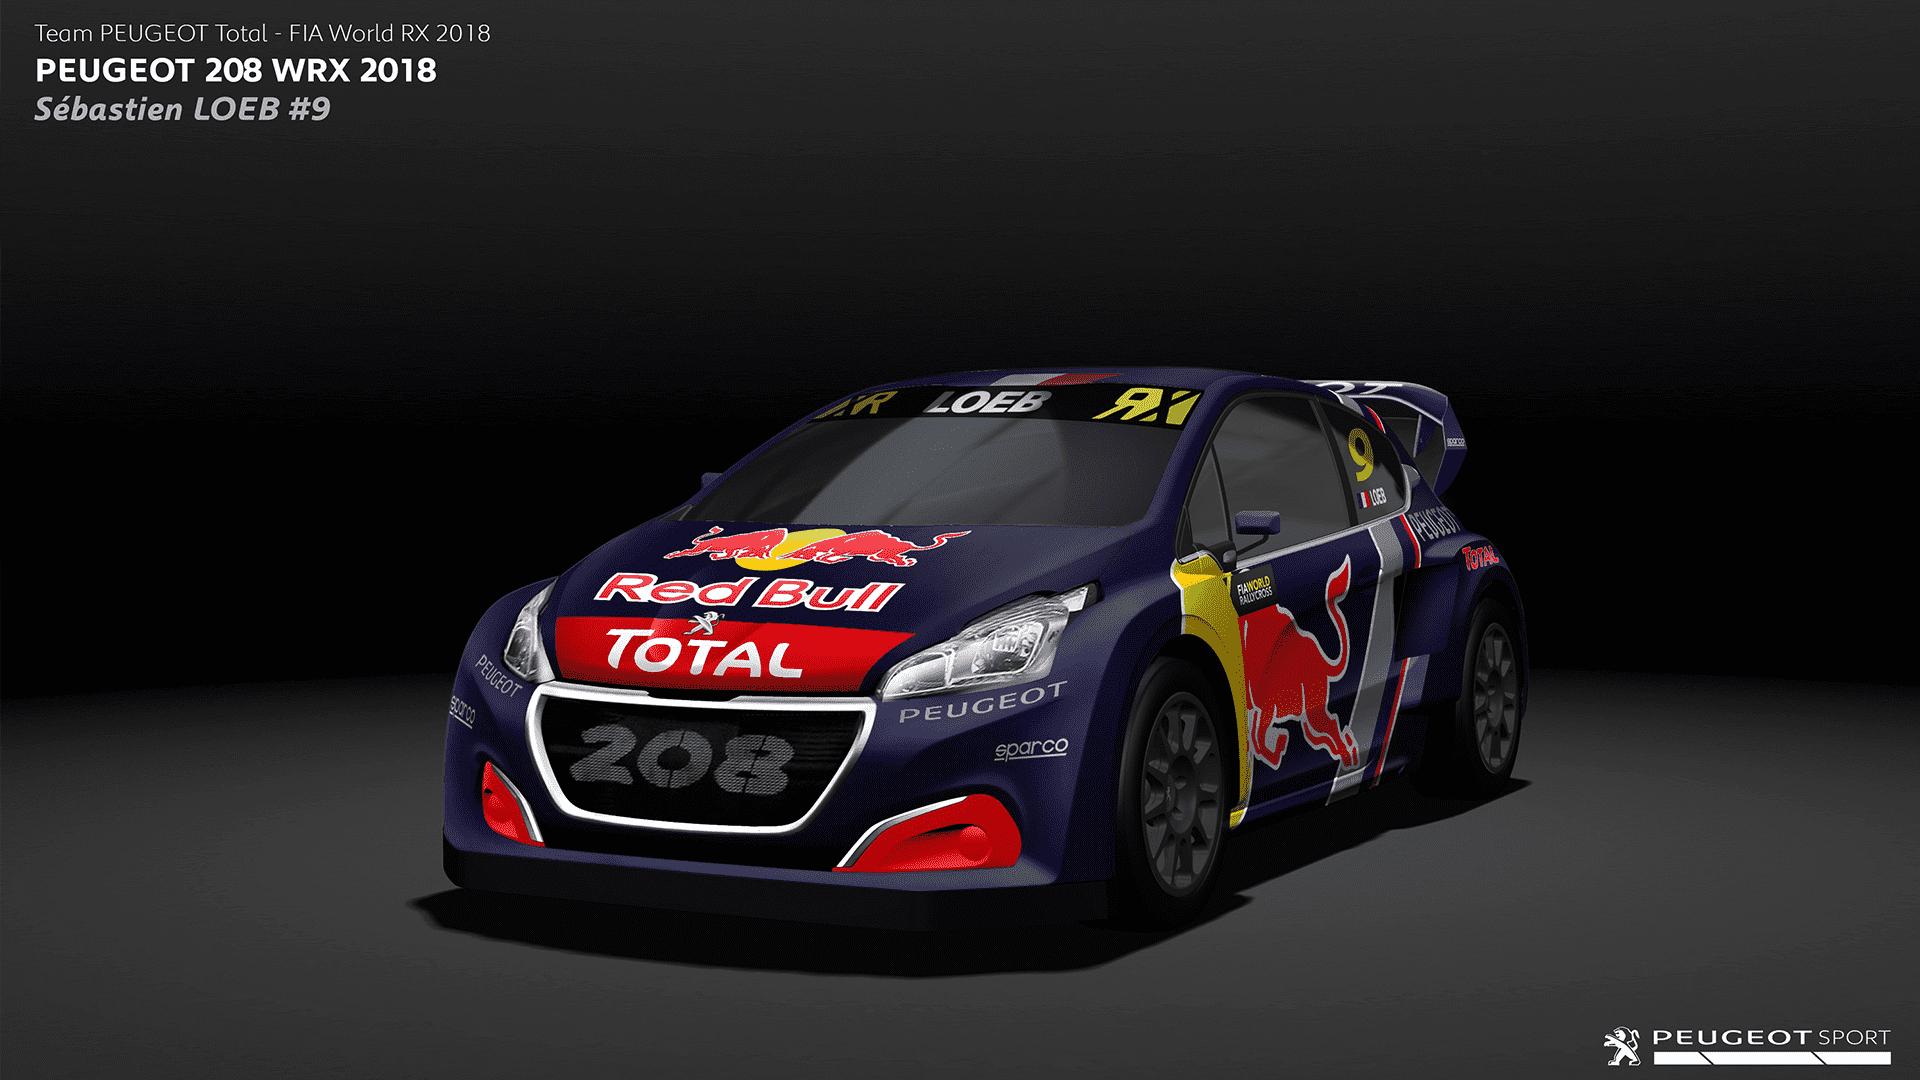 El Team Peugeot Total participa en el Campeonato del Mundo FIA de Rallycross